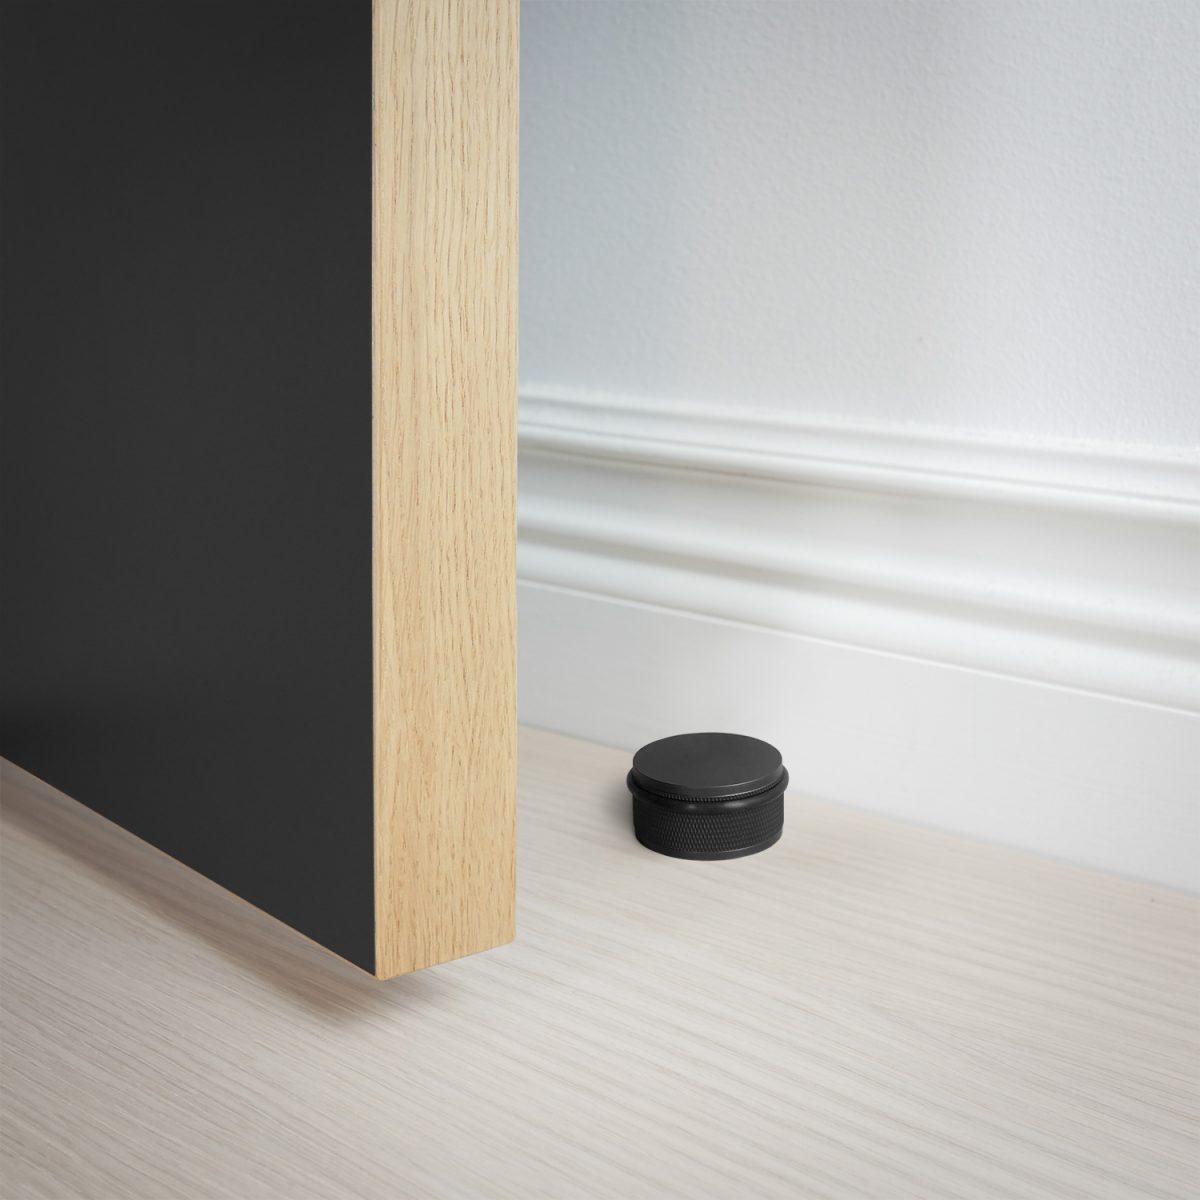 dörrstopp-golv-dörr-svart-buster-punch-njord